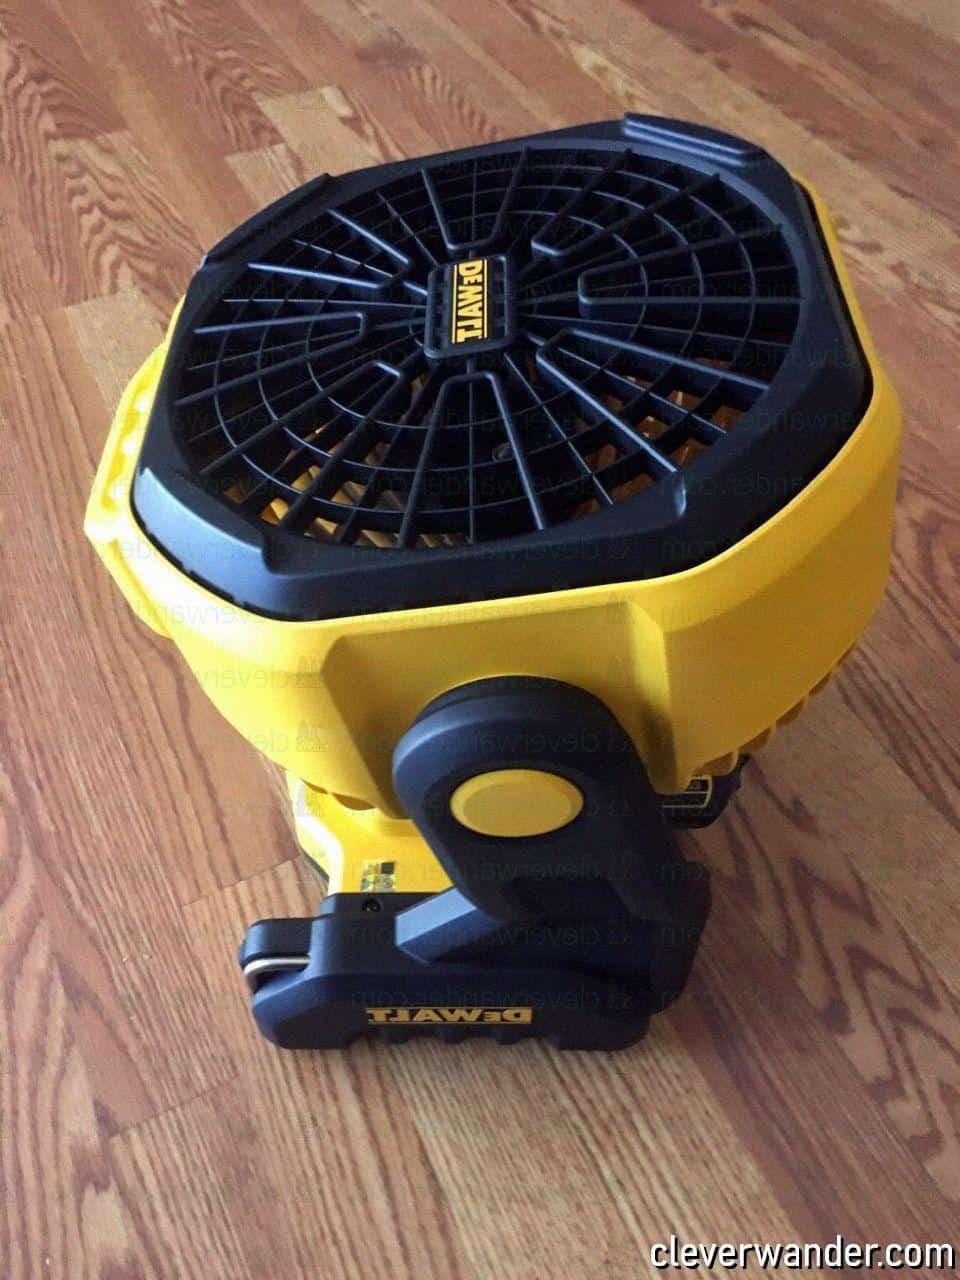 Dewalt DC3511B Cordless Jobsite Fan - image review 2